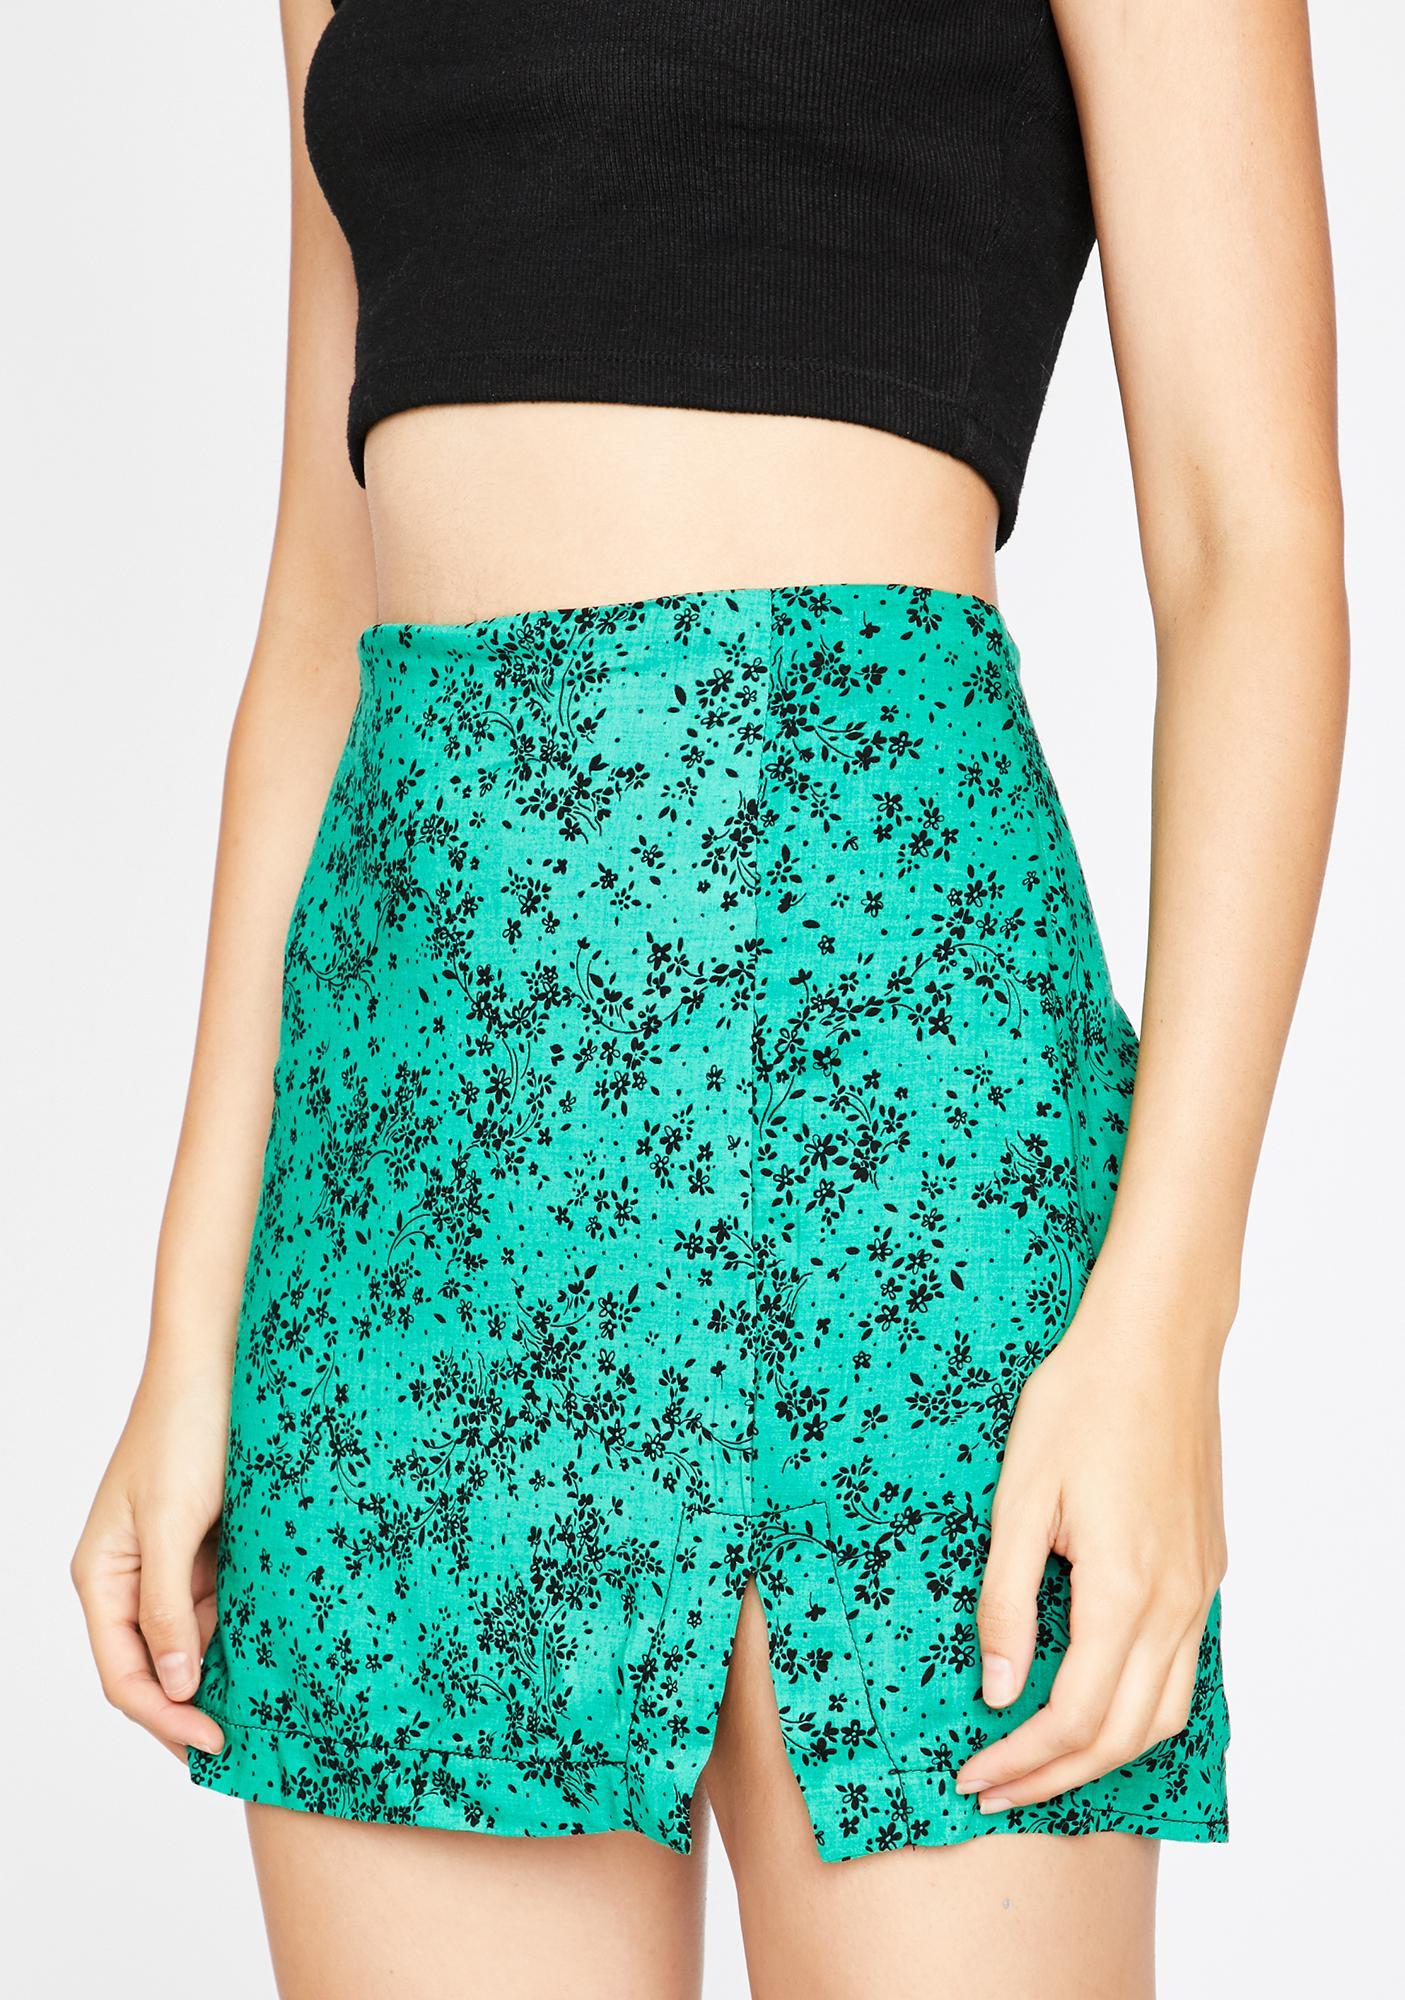 Emerald Baddie In Bloom Floral Skirt